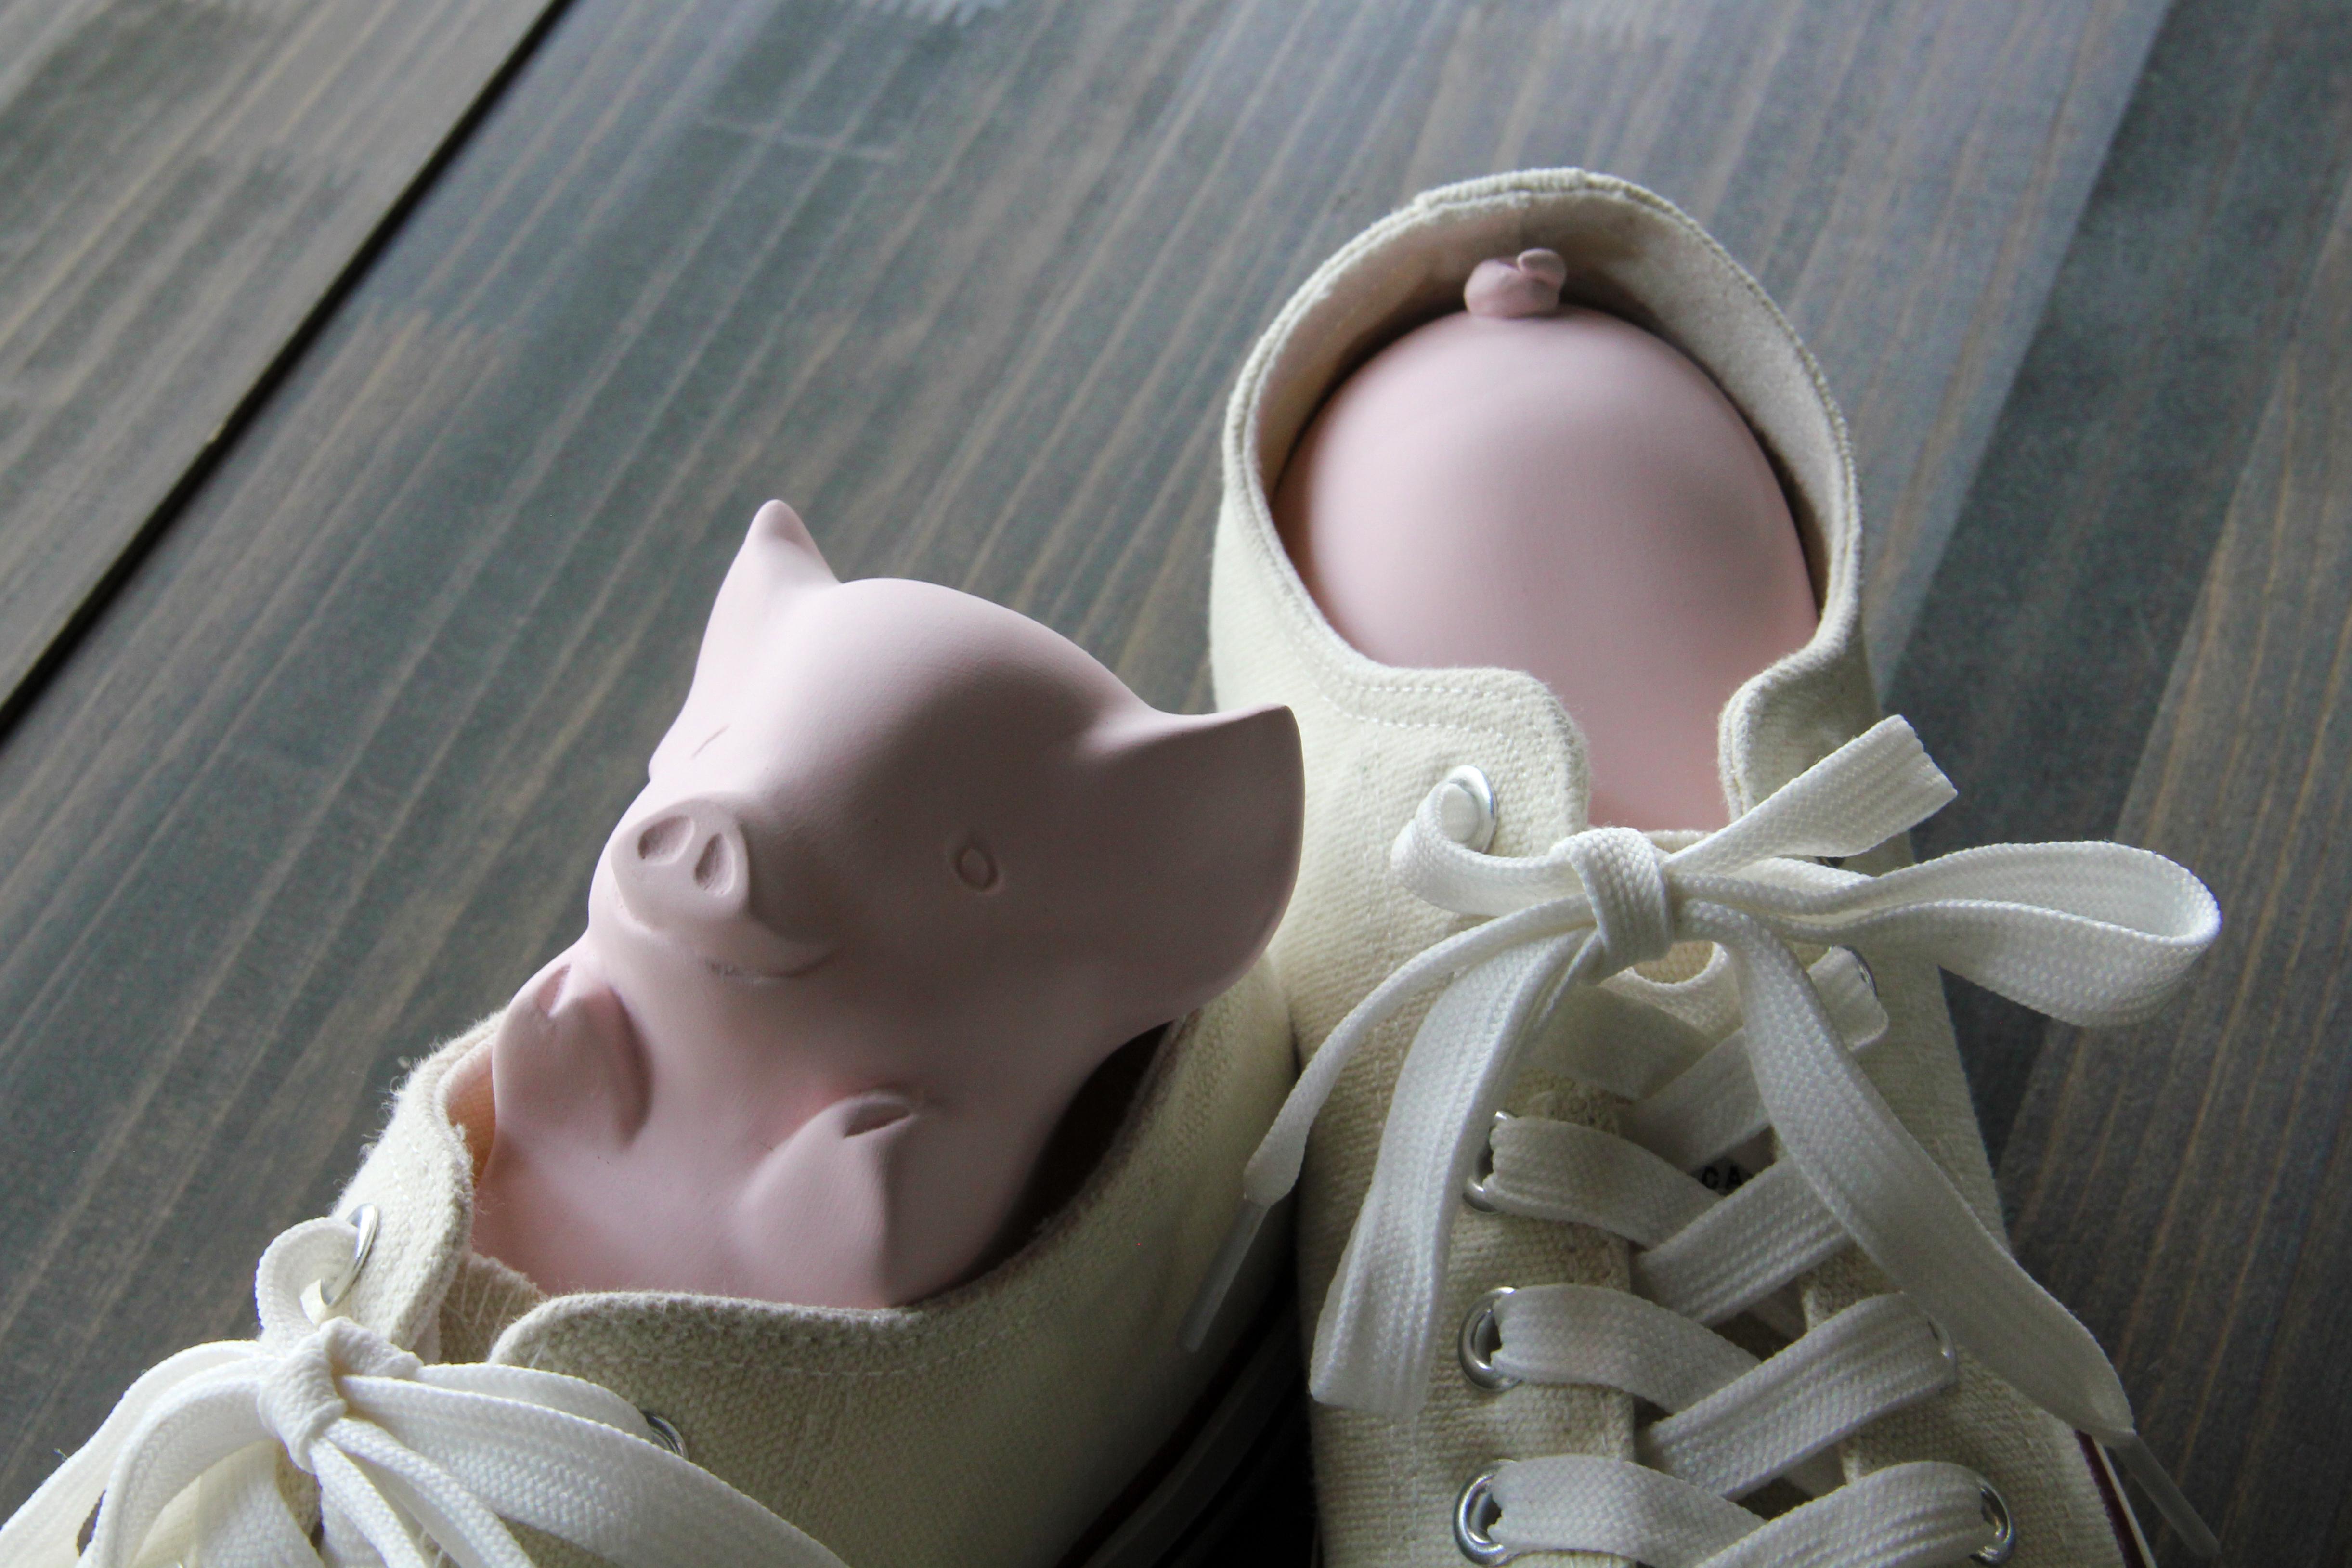 靴の中をカラッと除湿・消臭!靴に住み着くブタちゃんが可愛い(^_^)